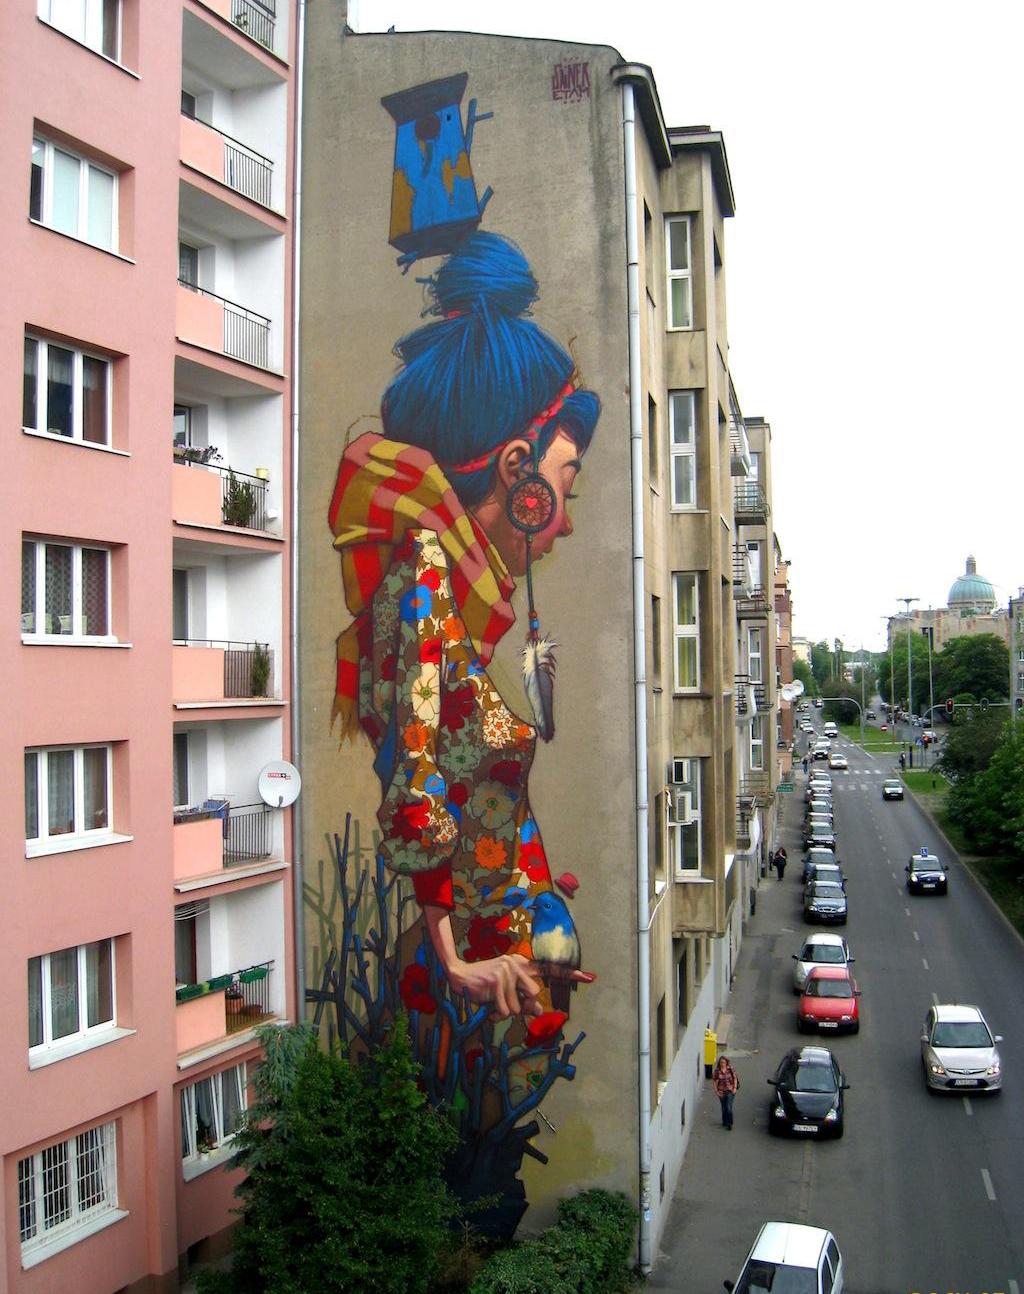 street_art_etam_cru_6.jpg